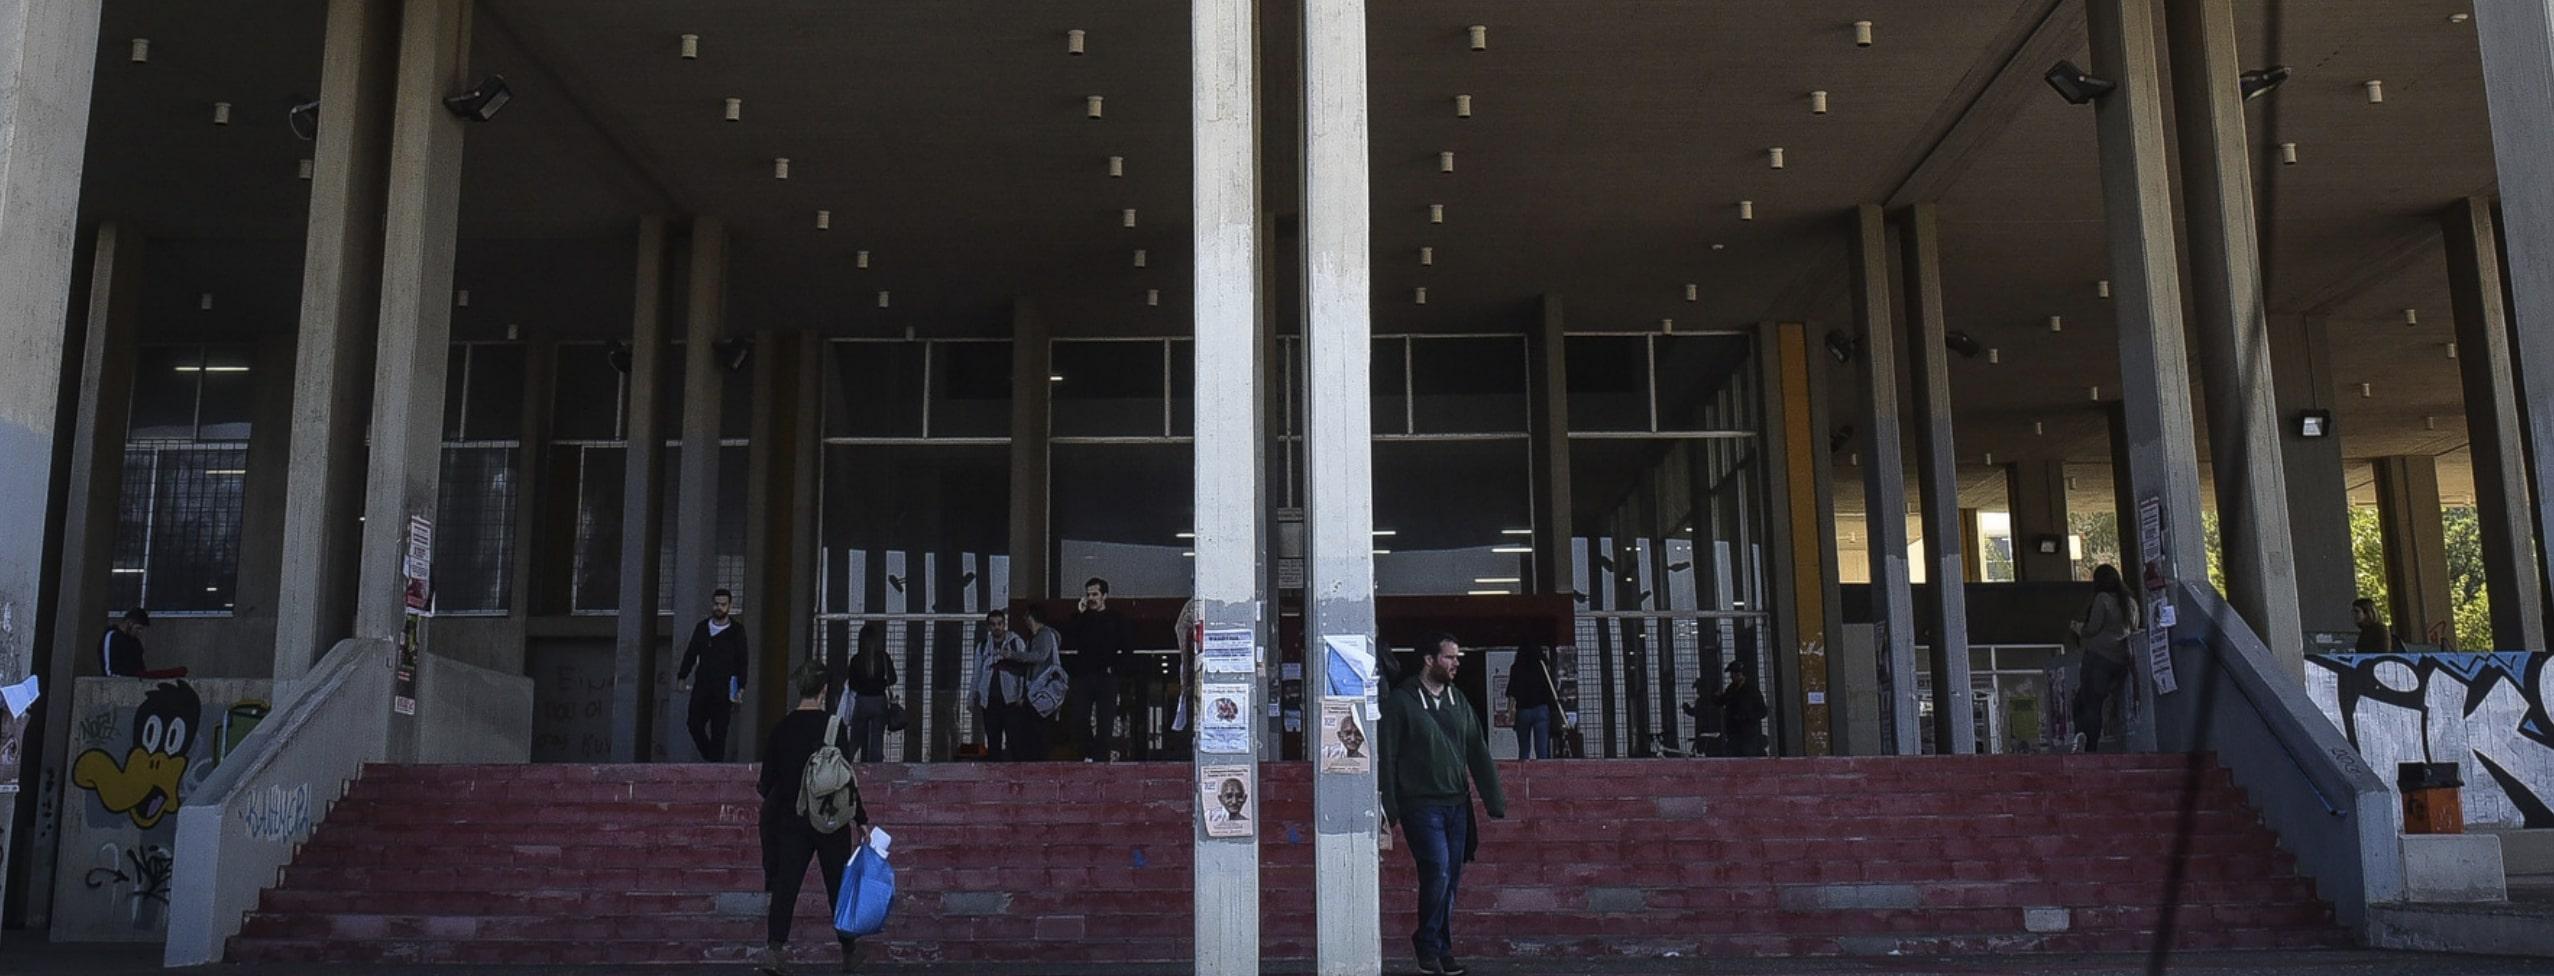 Φοιτητής Καταγγέλλει: Βίωσα απειλή και τρόμο στη Φιλοσοφική Αθηνών - Με ακολουθούσαν στους χώρους της Σχολής!